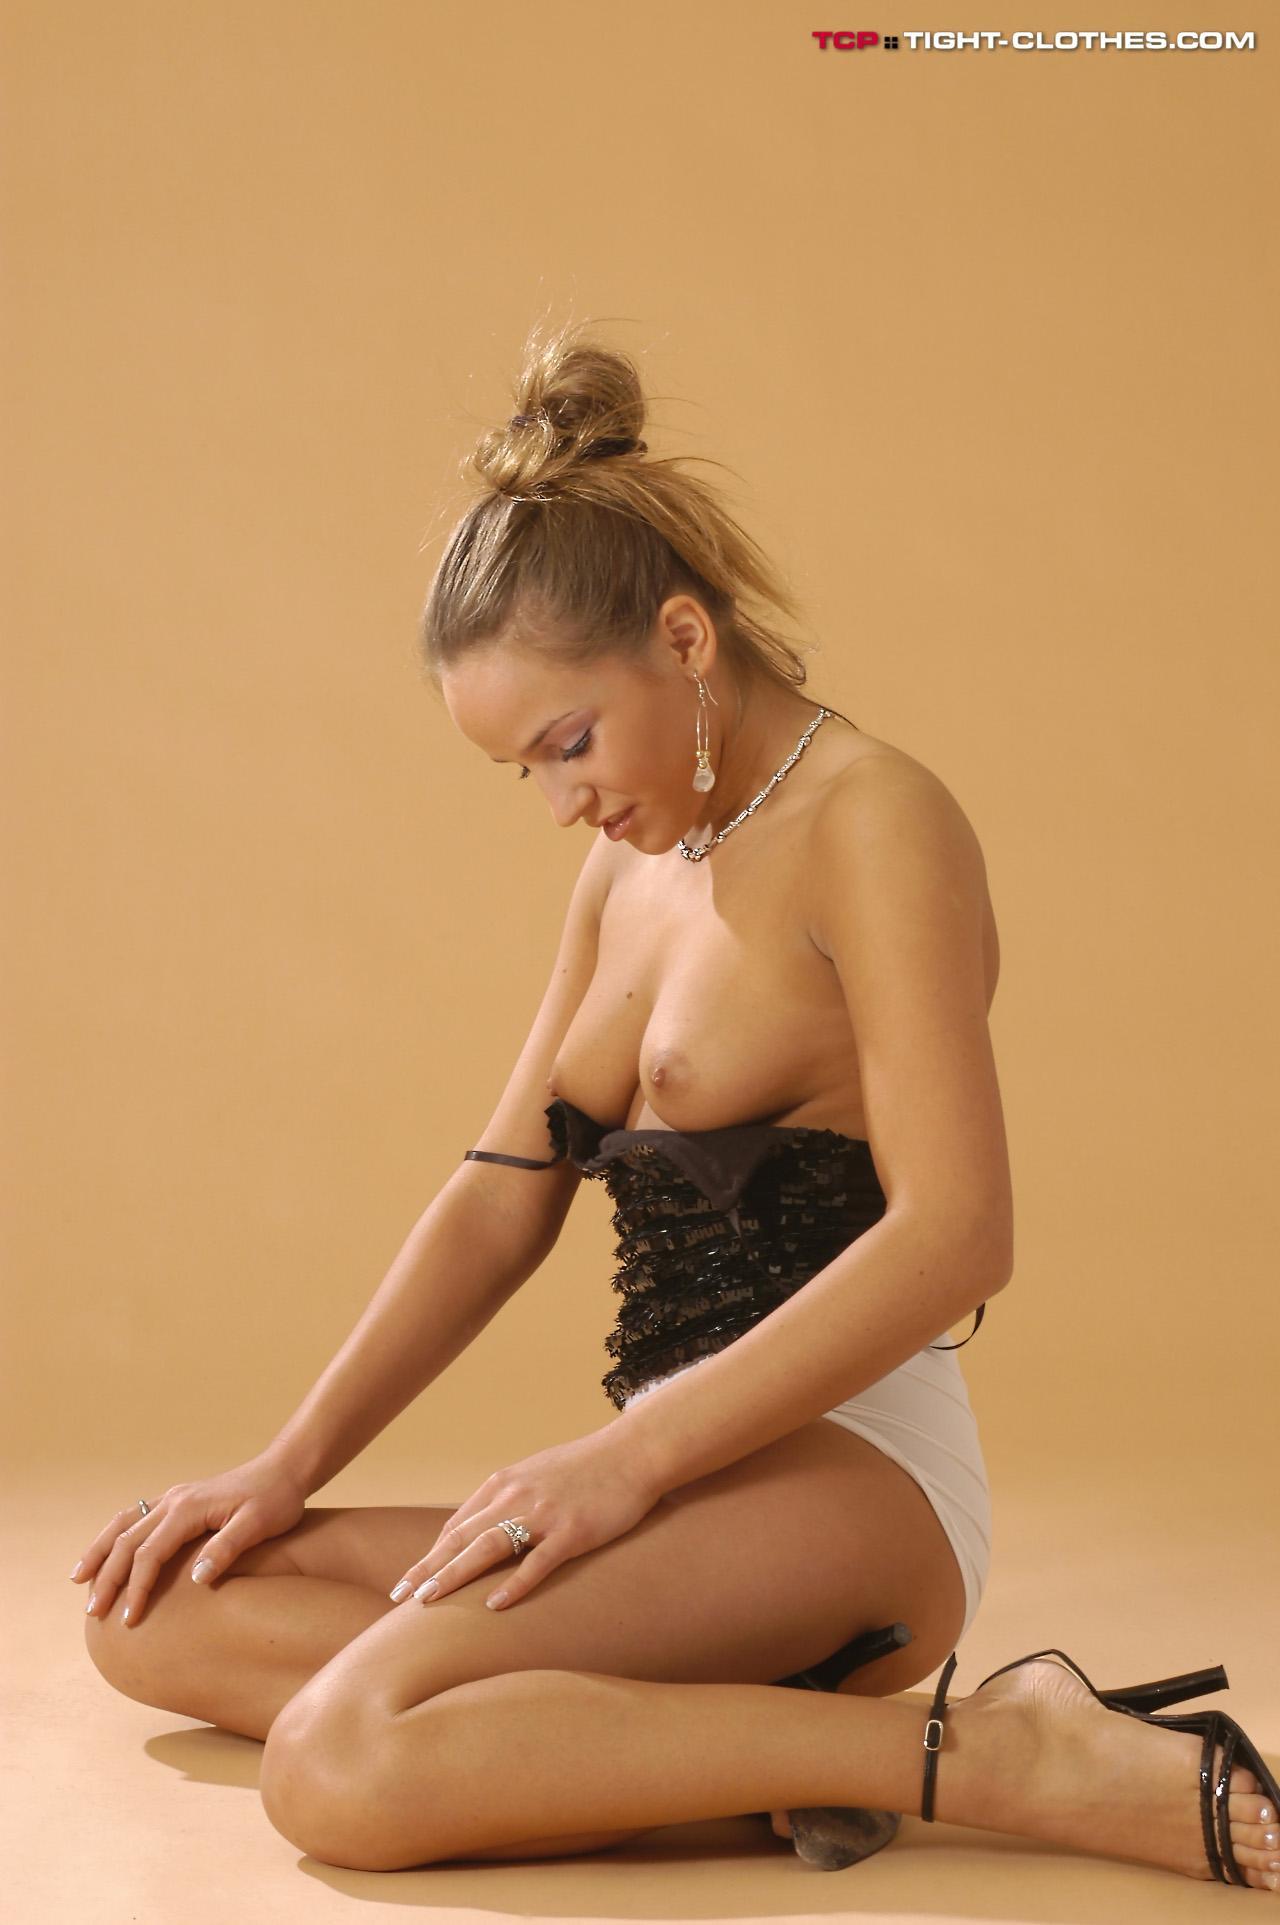 kontakt sex massage vestegnen langt hår til  kvinder